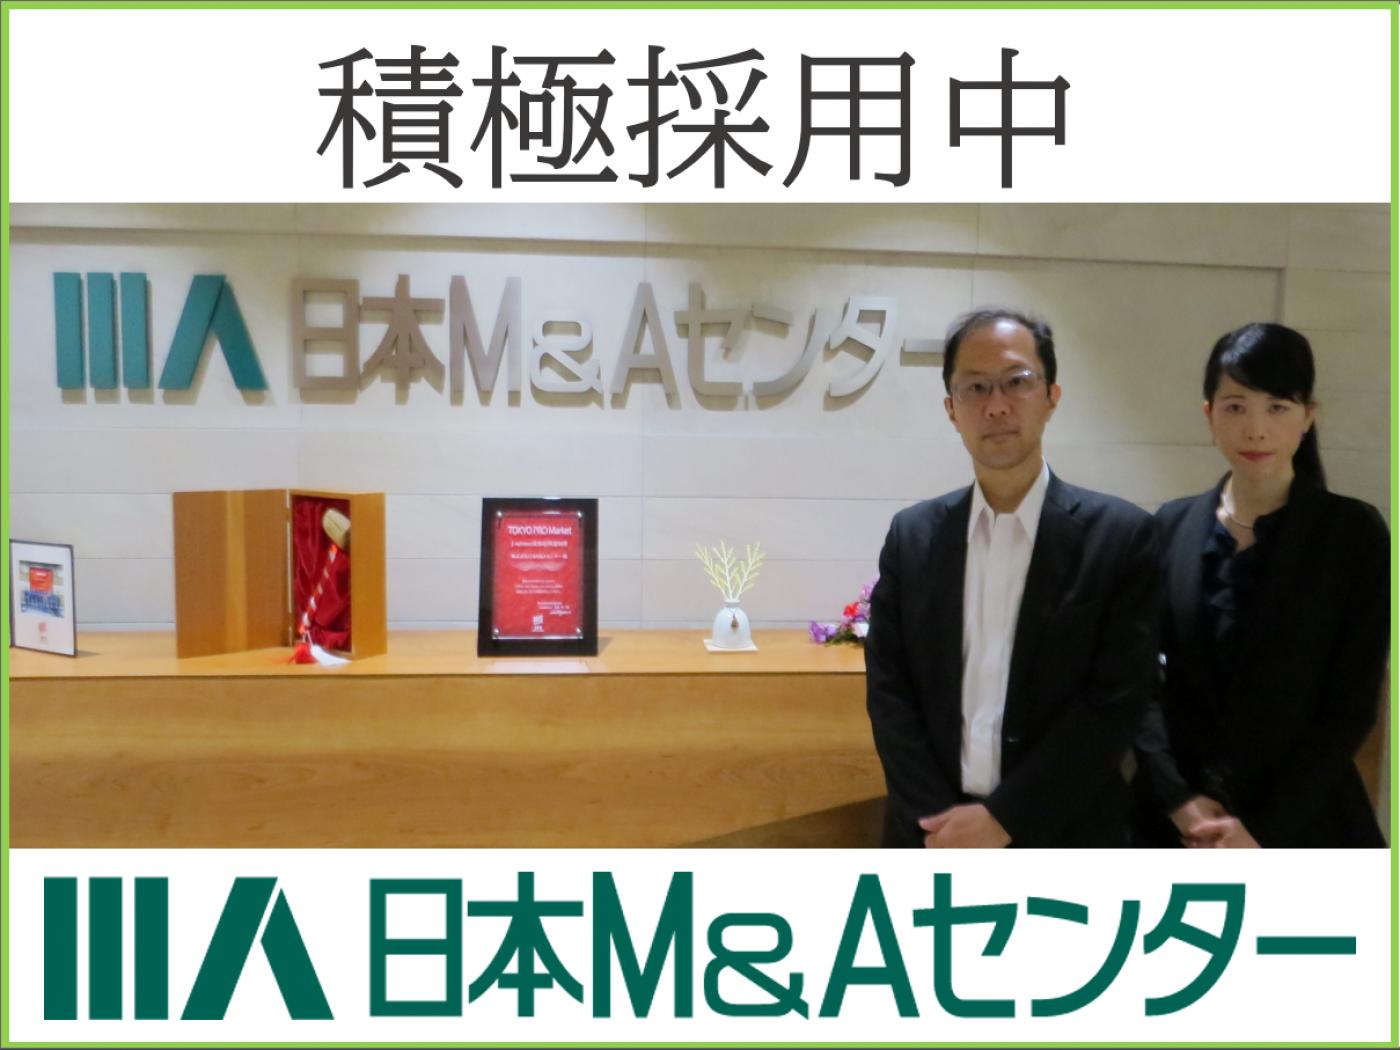 株式会社日本M&Aセンターの求人 法務・パラリーガル・弁理士・知的財産の転職・求人情報なら法務求人.jp